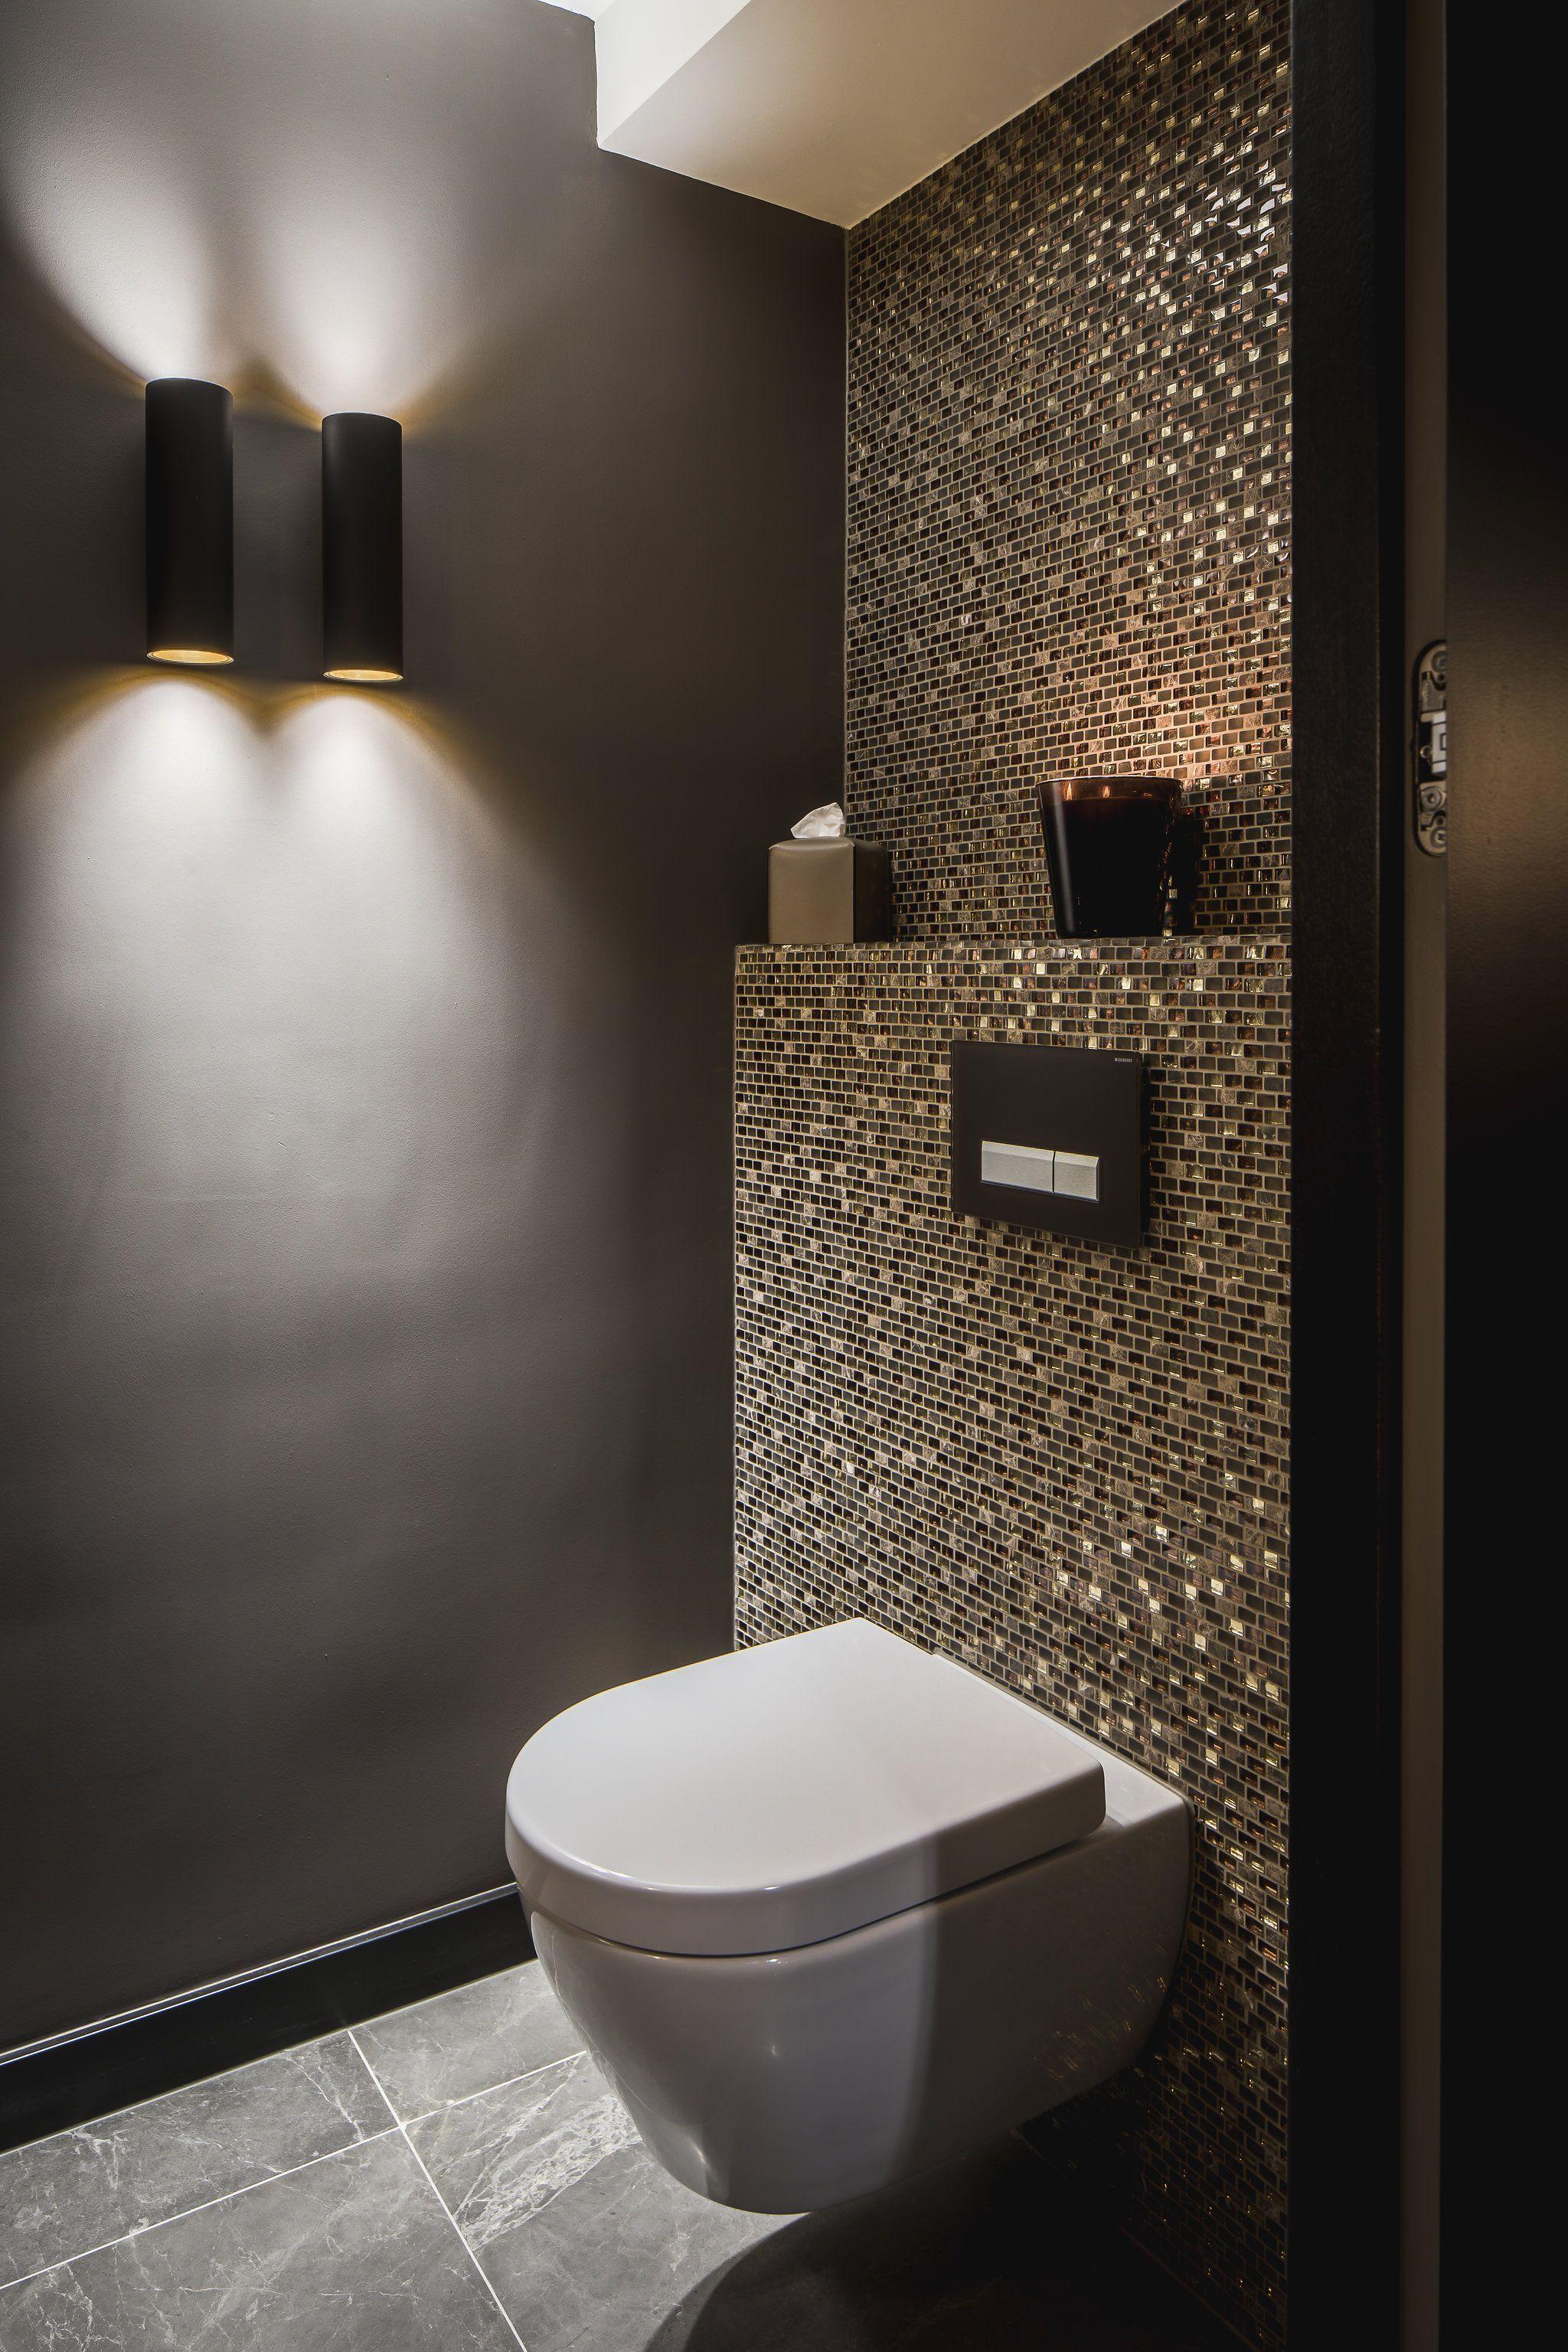 Idee Gäste Wc Mosaik Glimmer Dunkle Wände Schimmer Glas Gold Zusammen Mit  Aufregend Haus Dekoration